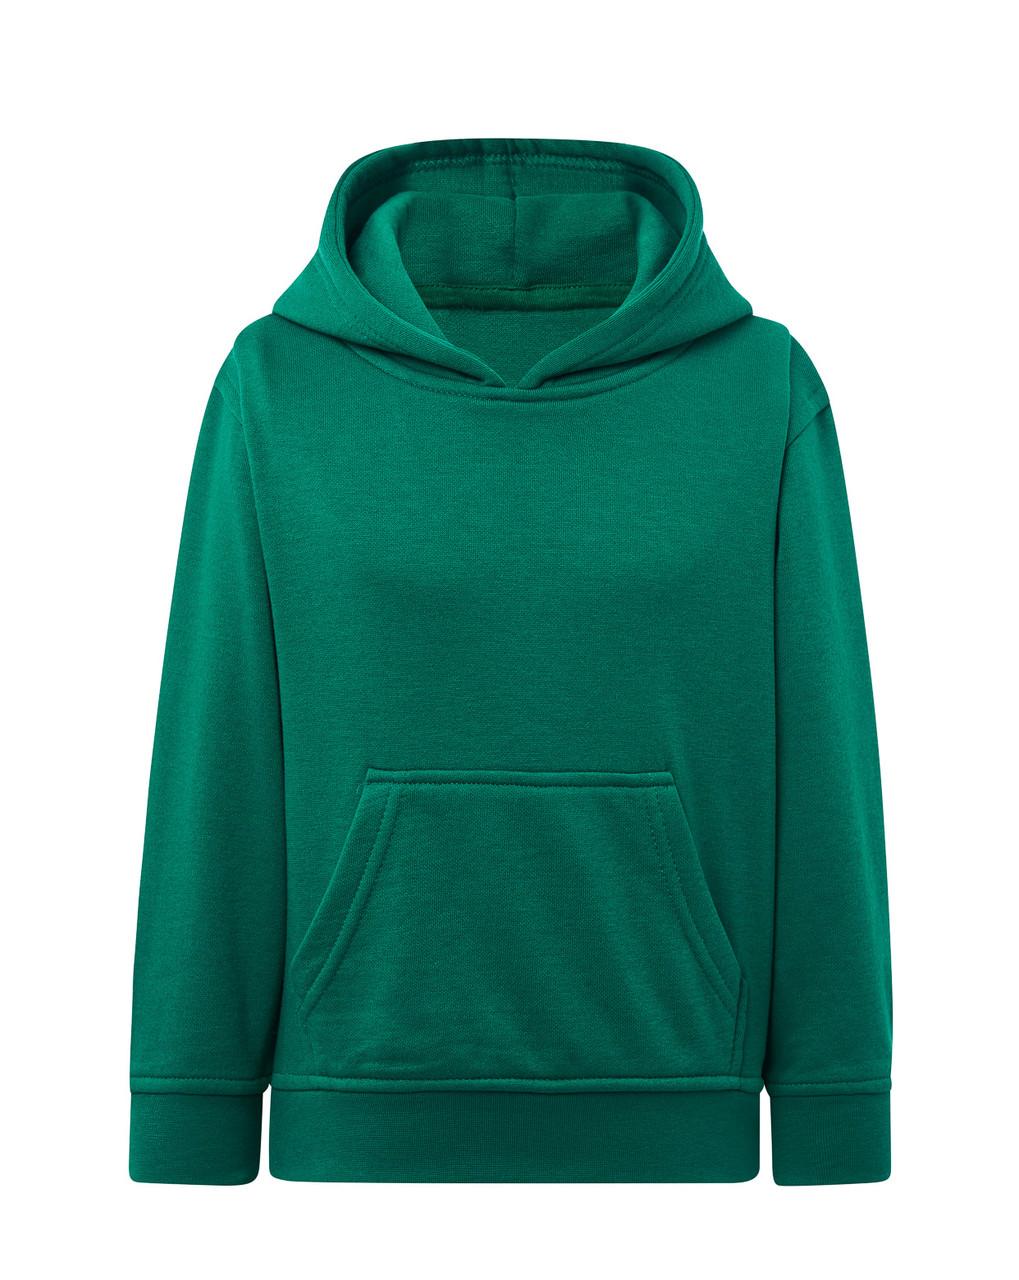 Детское худи JHK KID SWEATSHIRT KANGAROO цвет зеленый (KG)